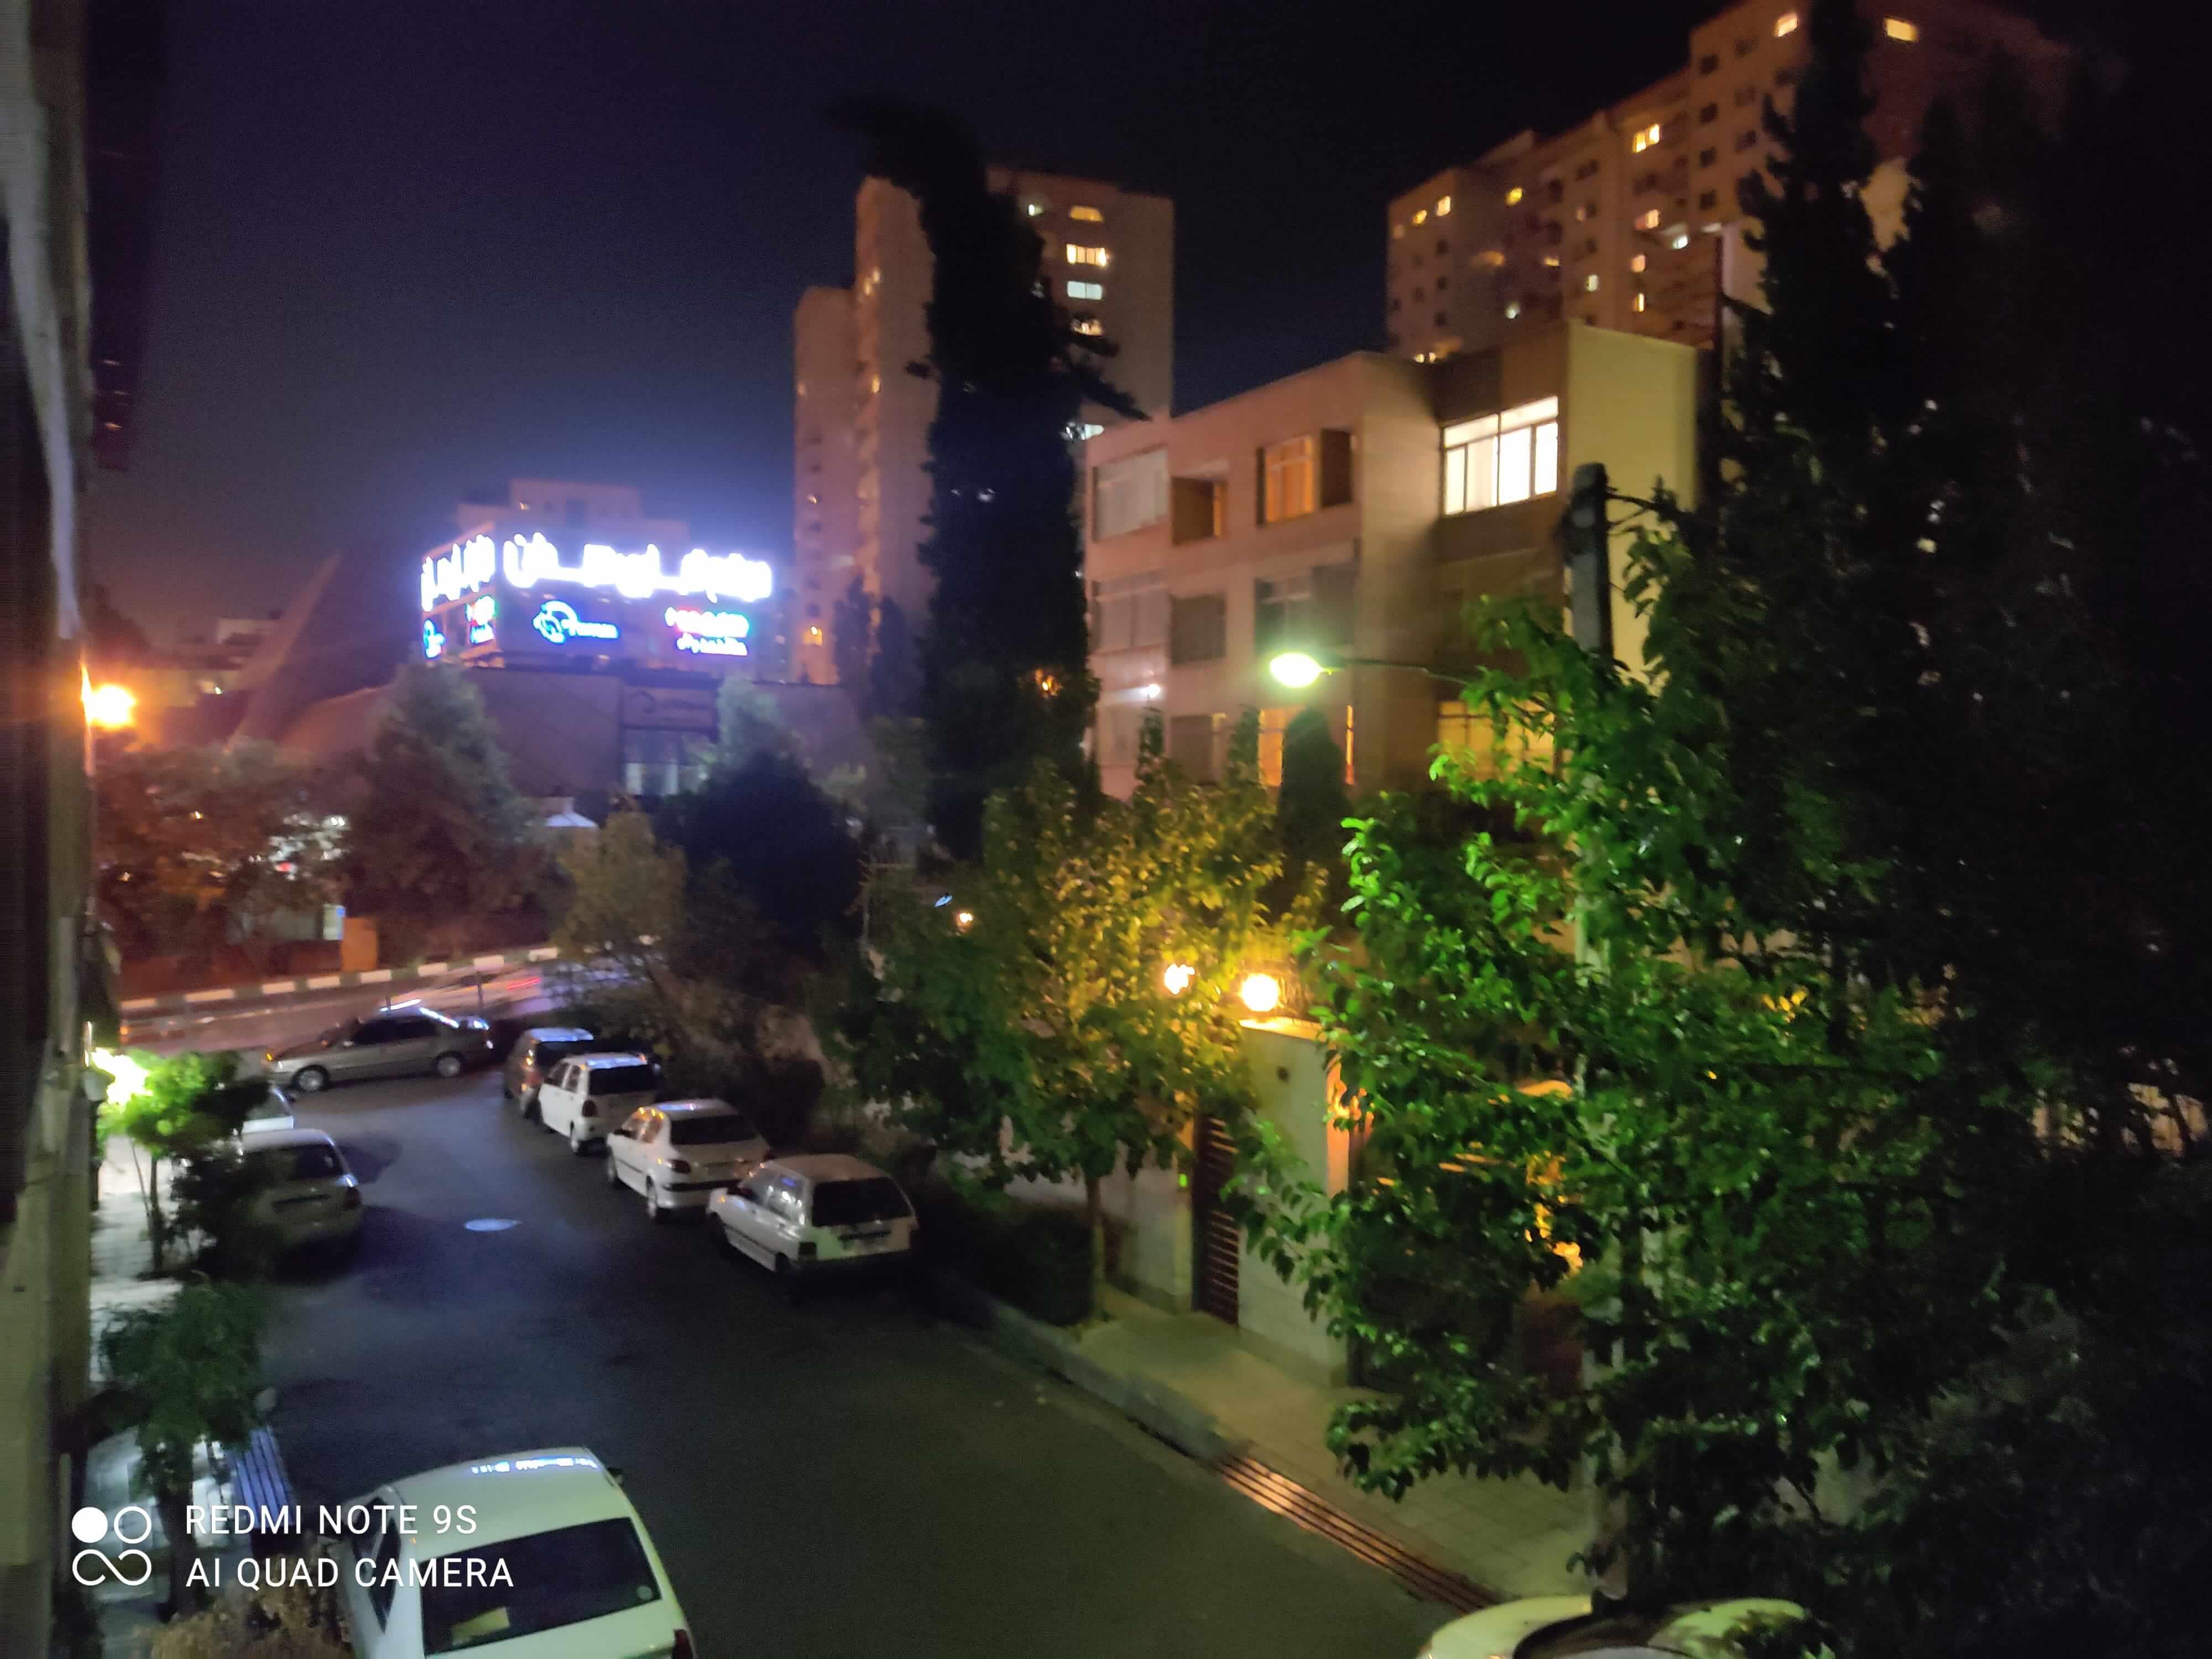 کیفیت عکاسی در شب با شیائومی نوت 9 اس